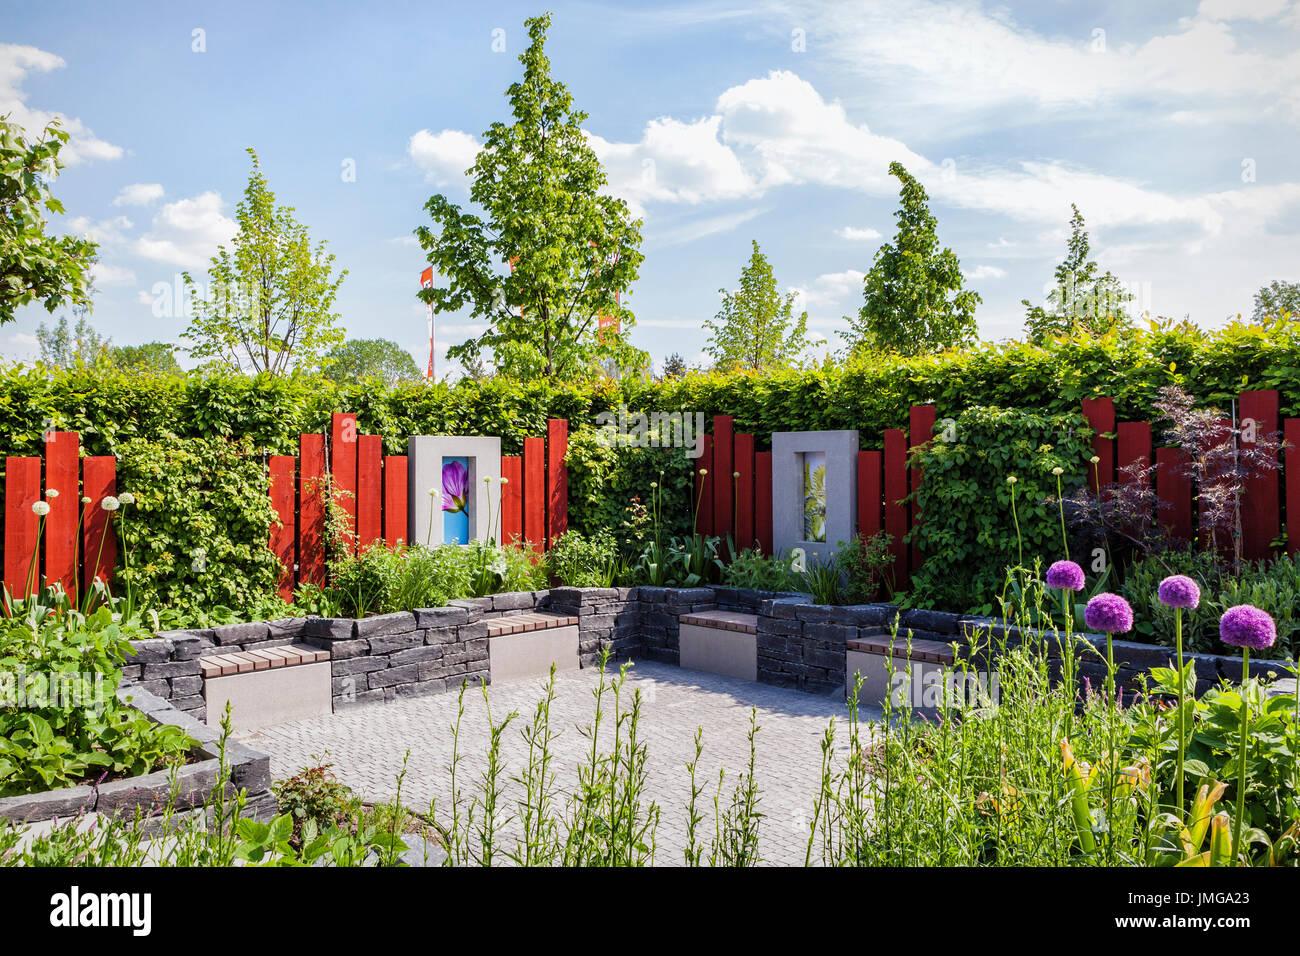 landscaped garden stock photos landscaped garden stock images alamy. Black Bedroom Furniture Sets. Home Design Ideas